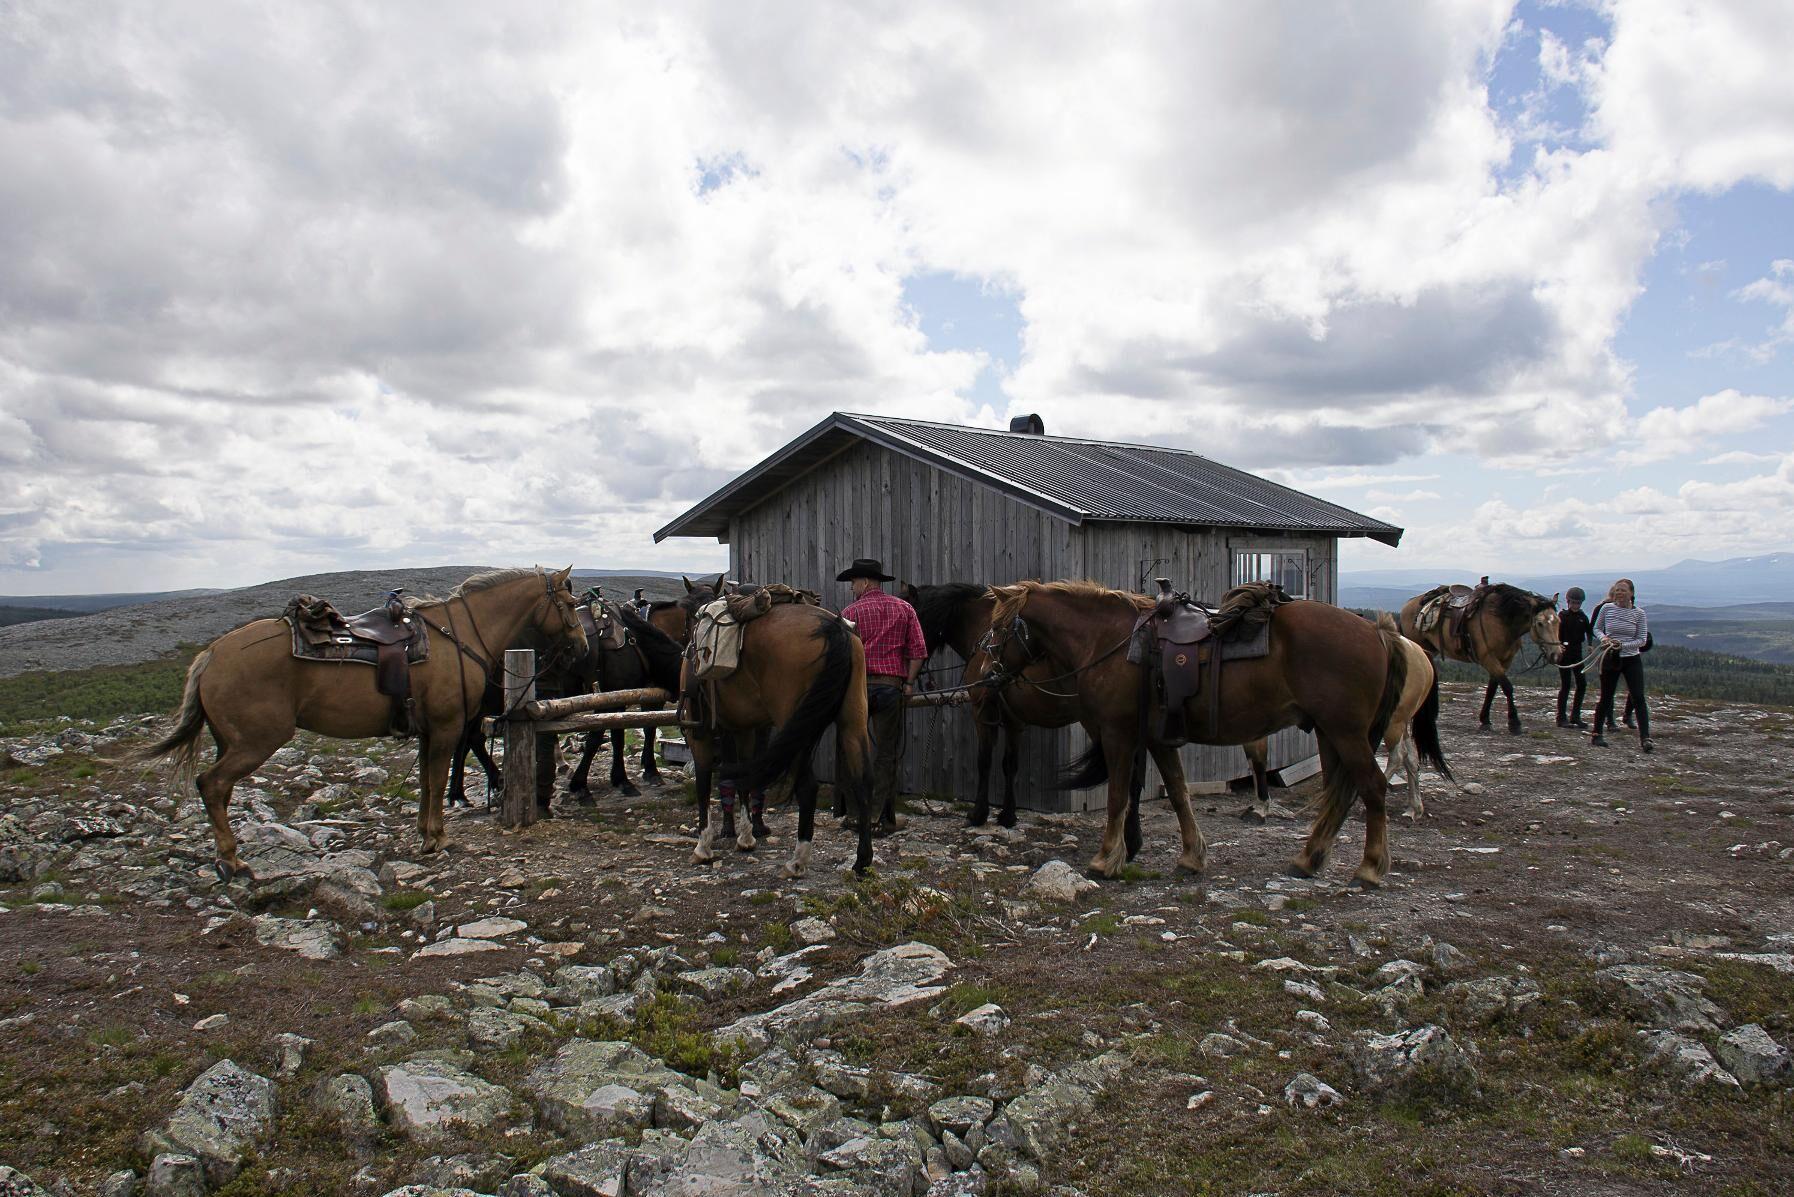 Framme vid Trumvallens jaktstuga får hästarna av raserna paint, quarter, appaloosa samt kall- och varmblodstravare vila medan deltagarna lagar lunch.